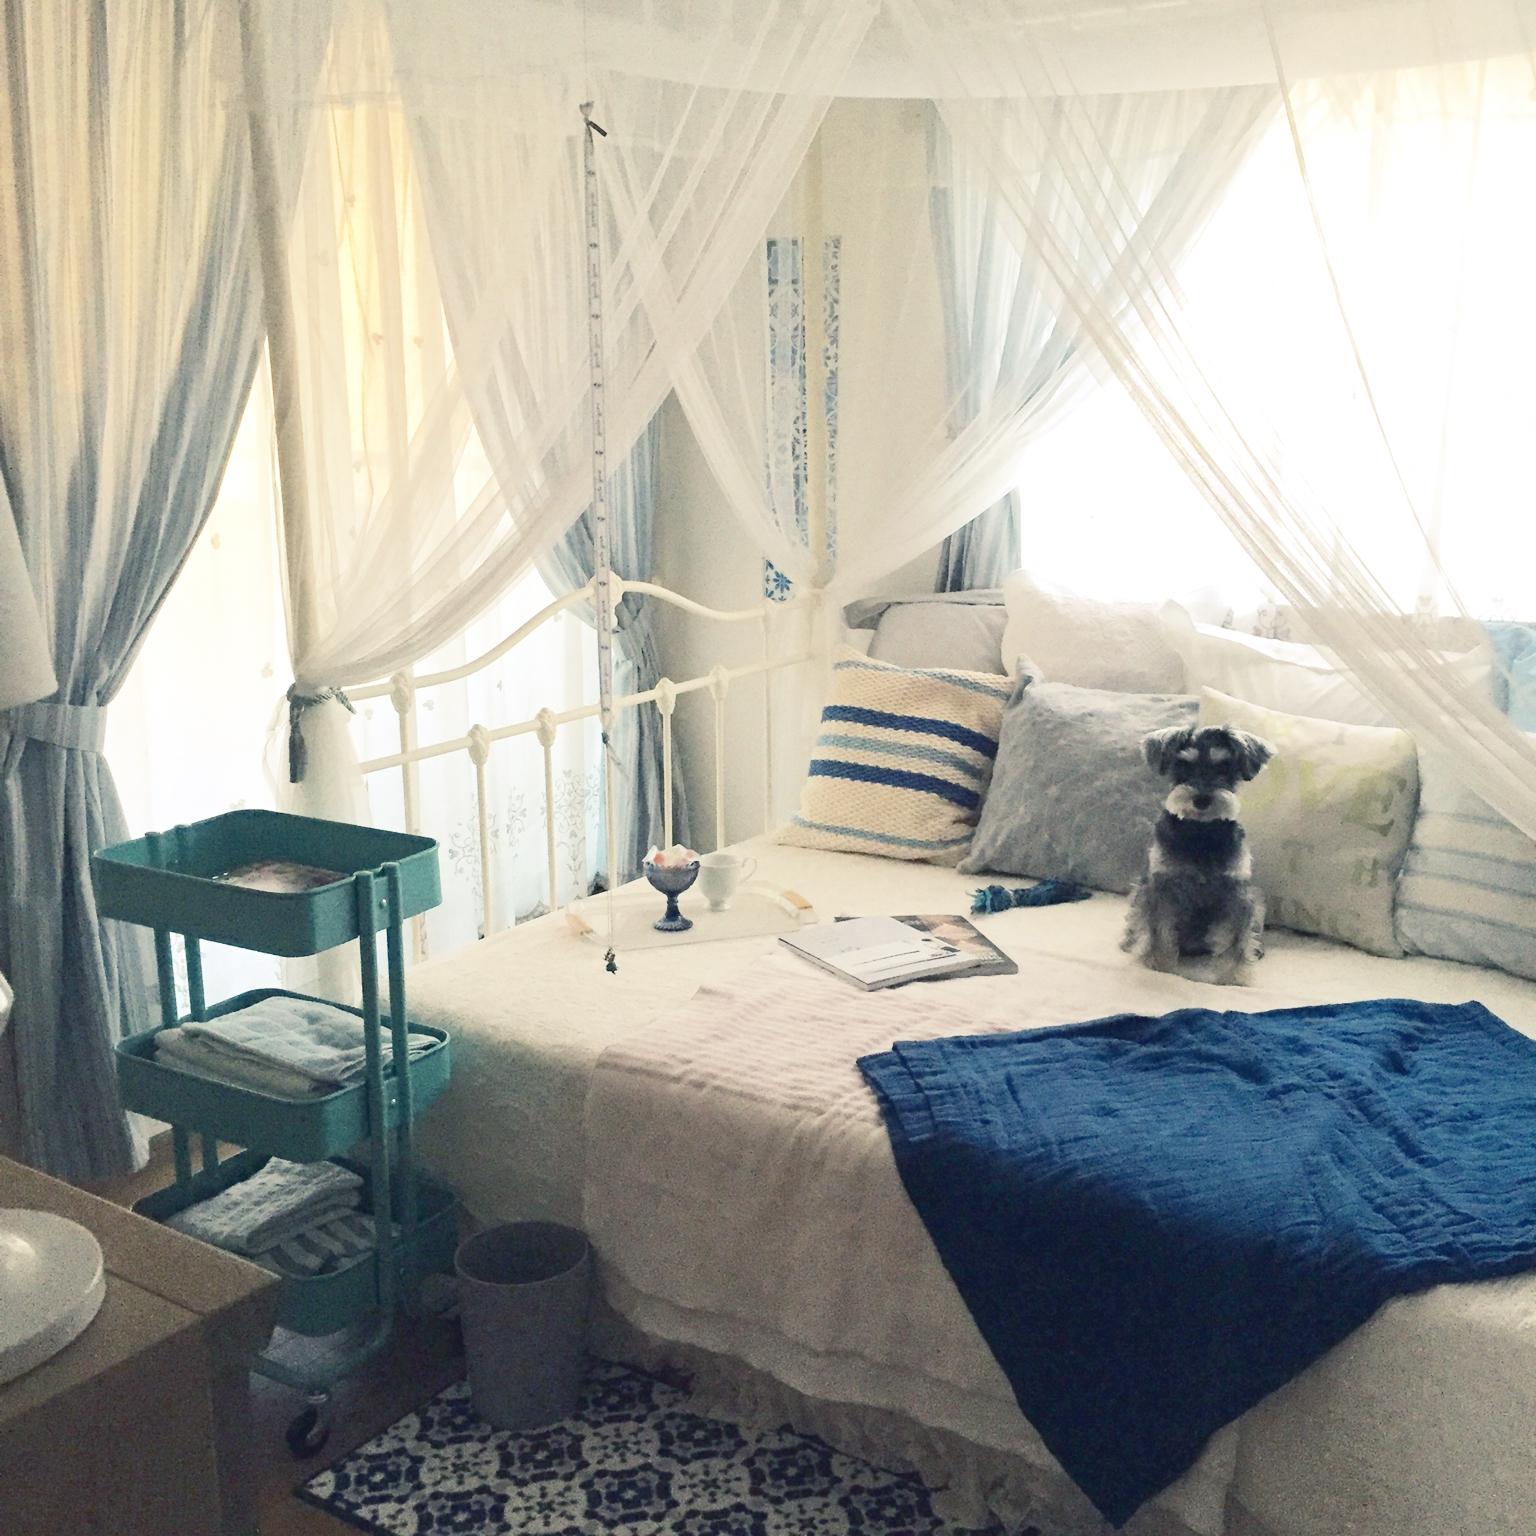 心地よい眠りにいざなう☆寝室を快適にさせる10のアイデア | RoomClip mag | 暮らしとインテリアのwebマガジン